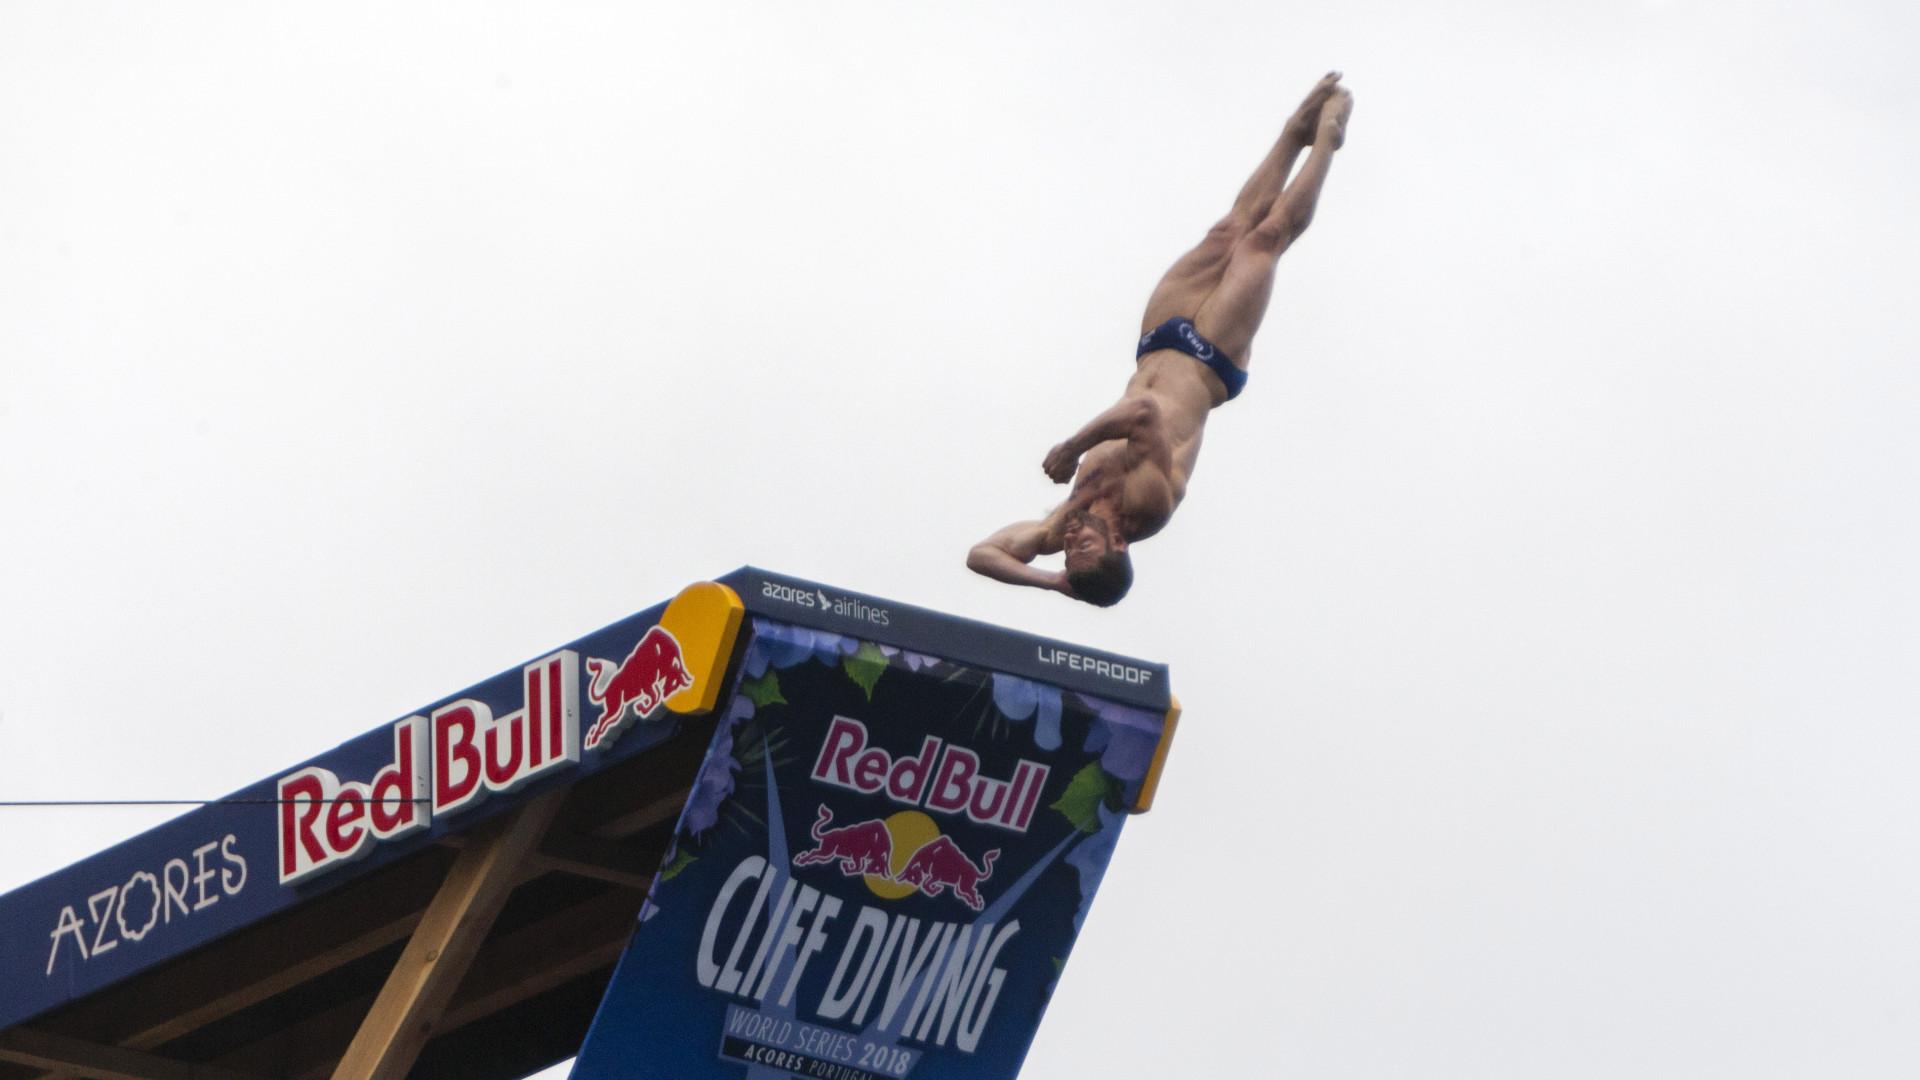 'Red Bull Cliff Diving' regressa aos Açores em 21 e 22 de junho